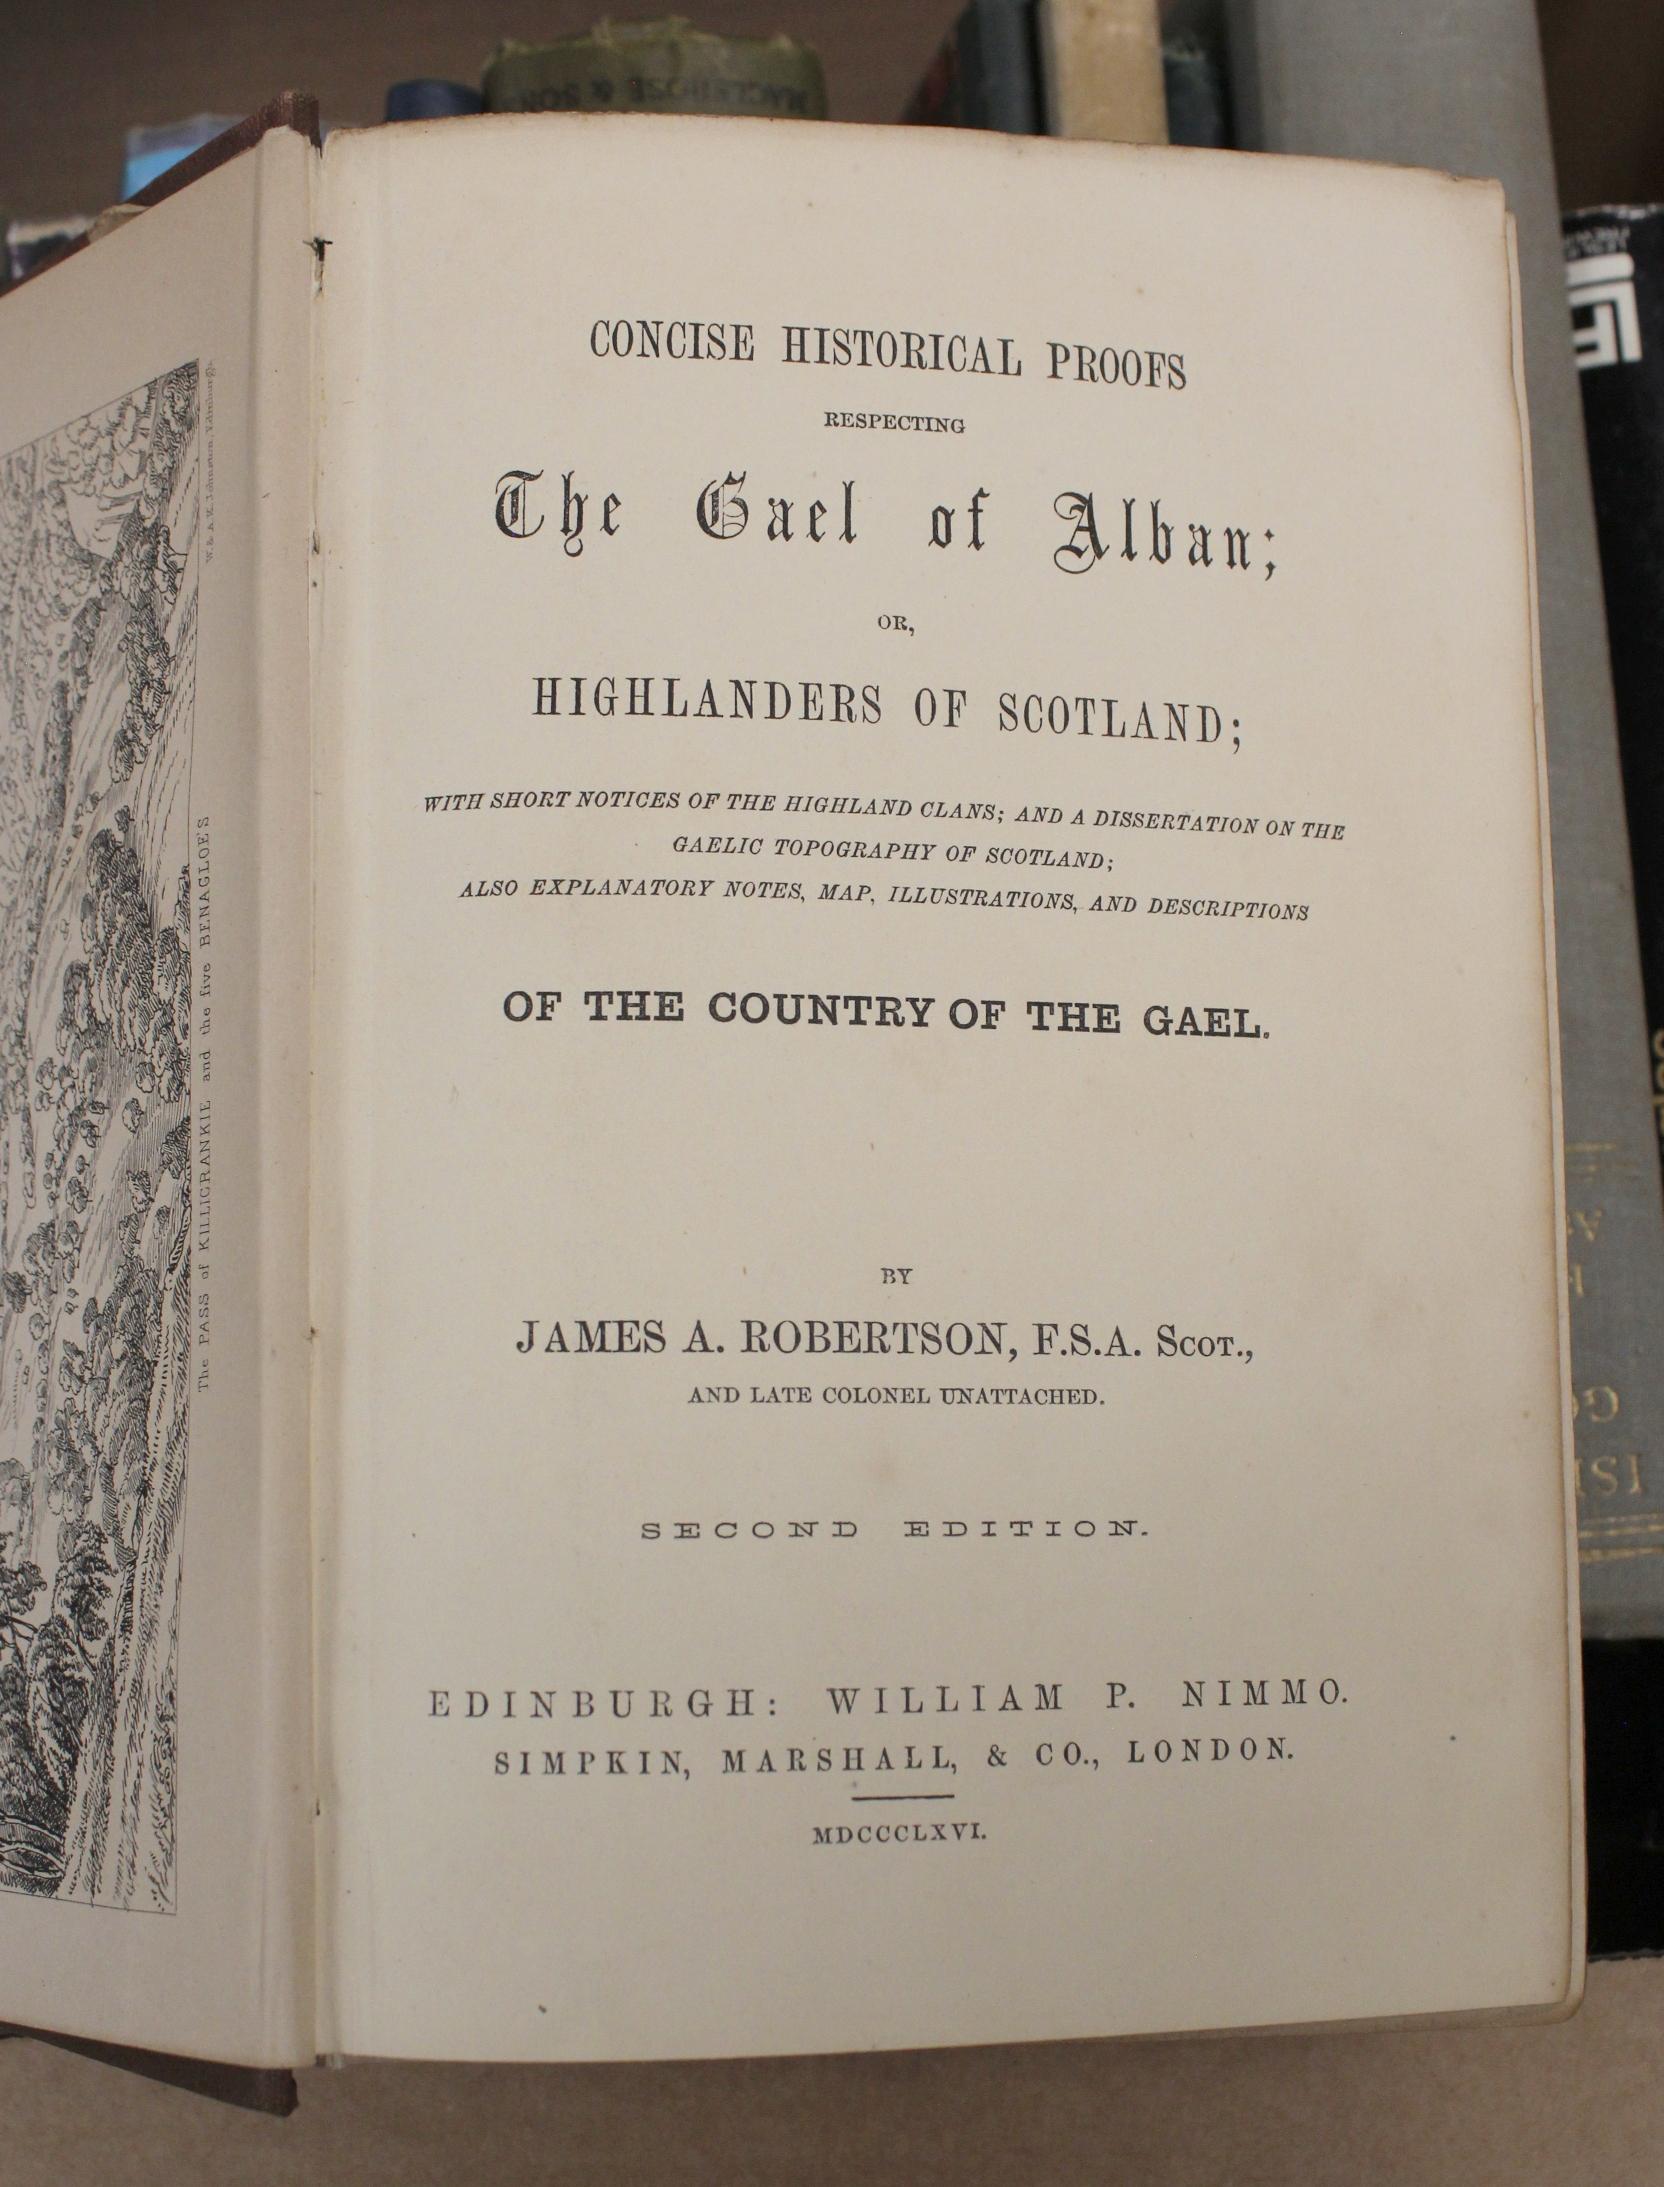 Scotland.A carton of vols. incl. Highlands & Islands. - Image 3 of 5